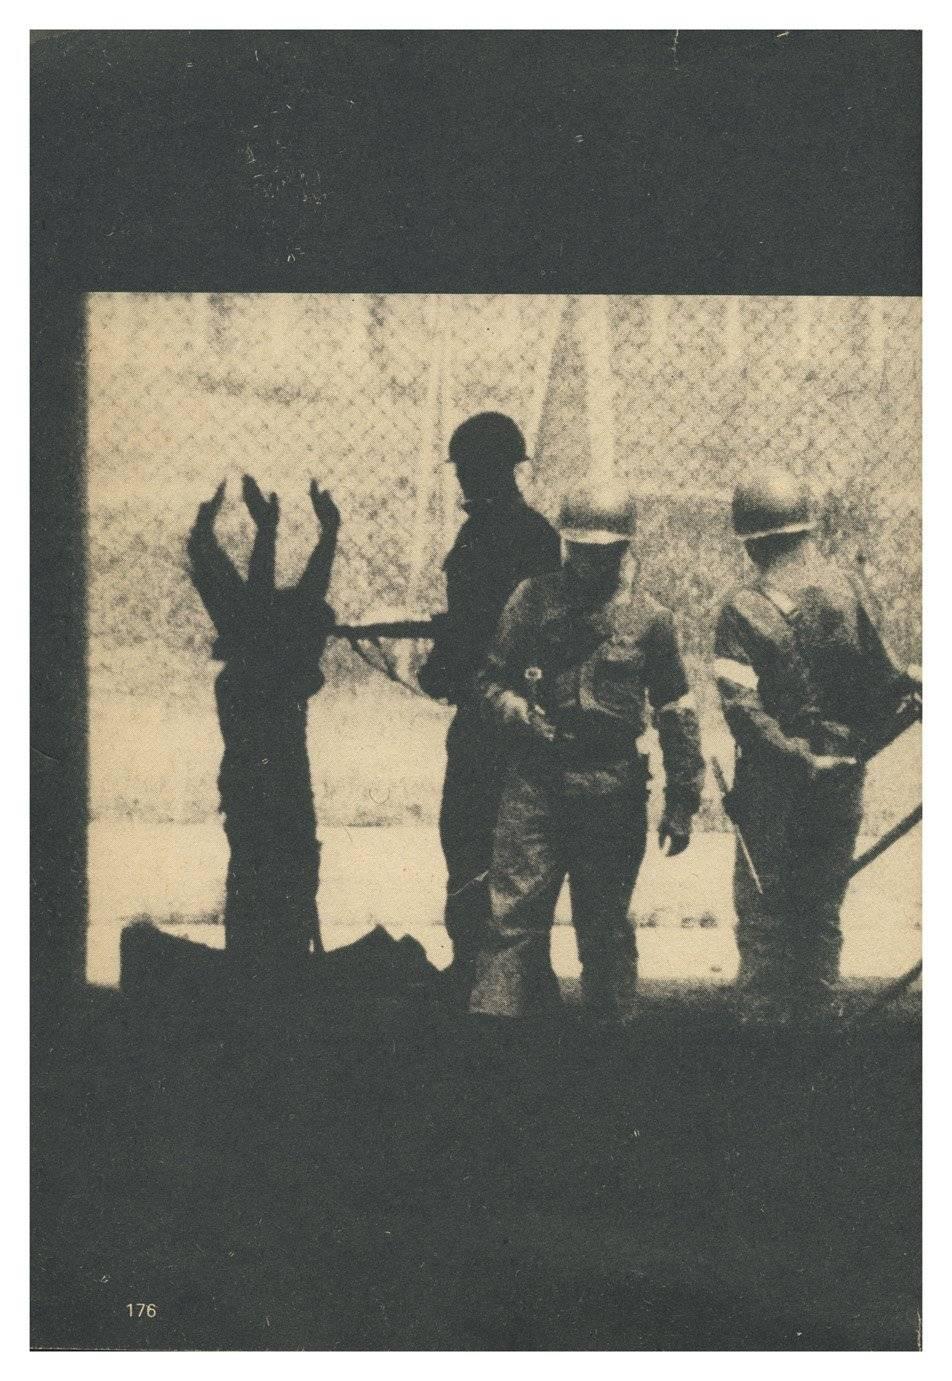 Cerca de 40 mil personas fueron llevados en calidad de prisioneros al Estadio Nacional